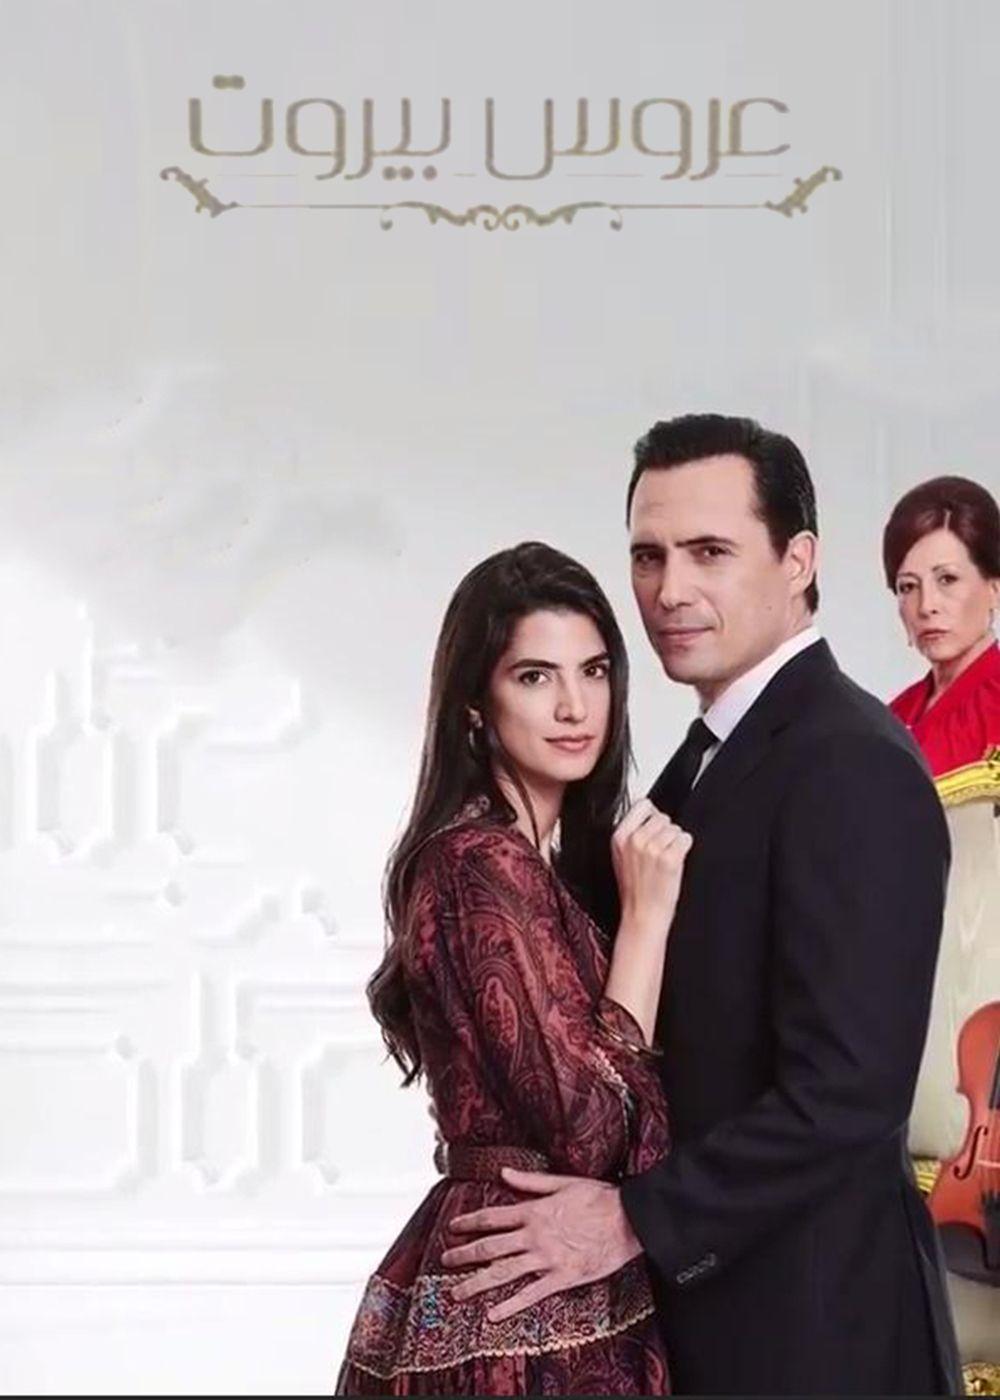 احداث وتفاصيل الحلقة 77 مسلسل عروس بيروت 2019 Style Fashion Formal